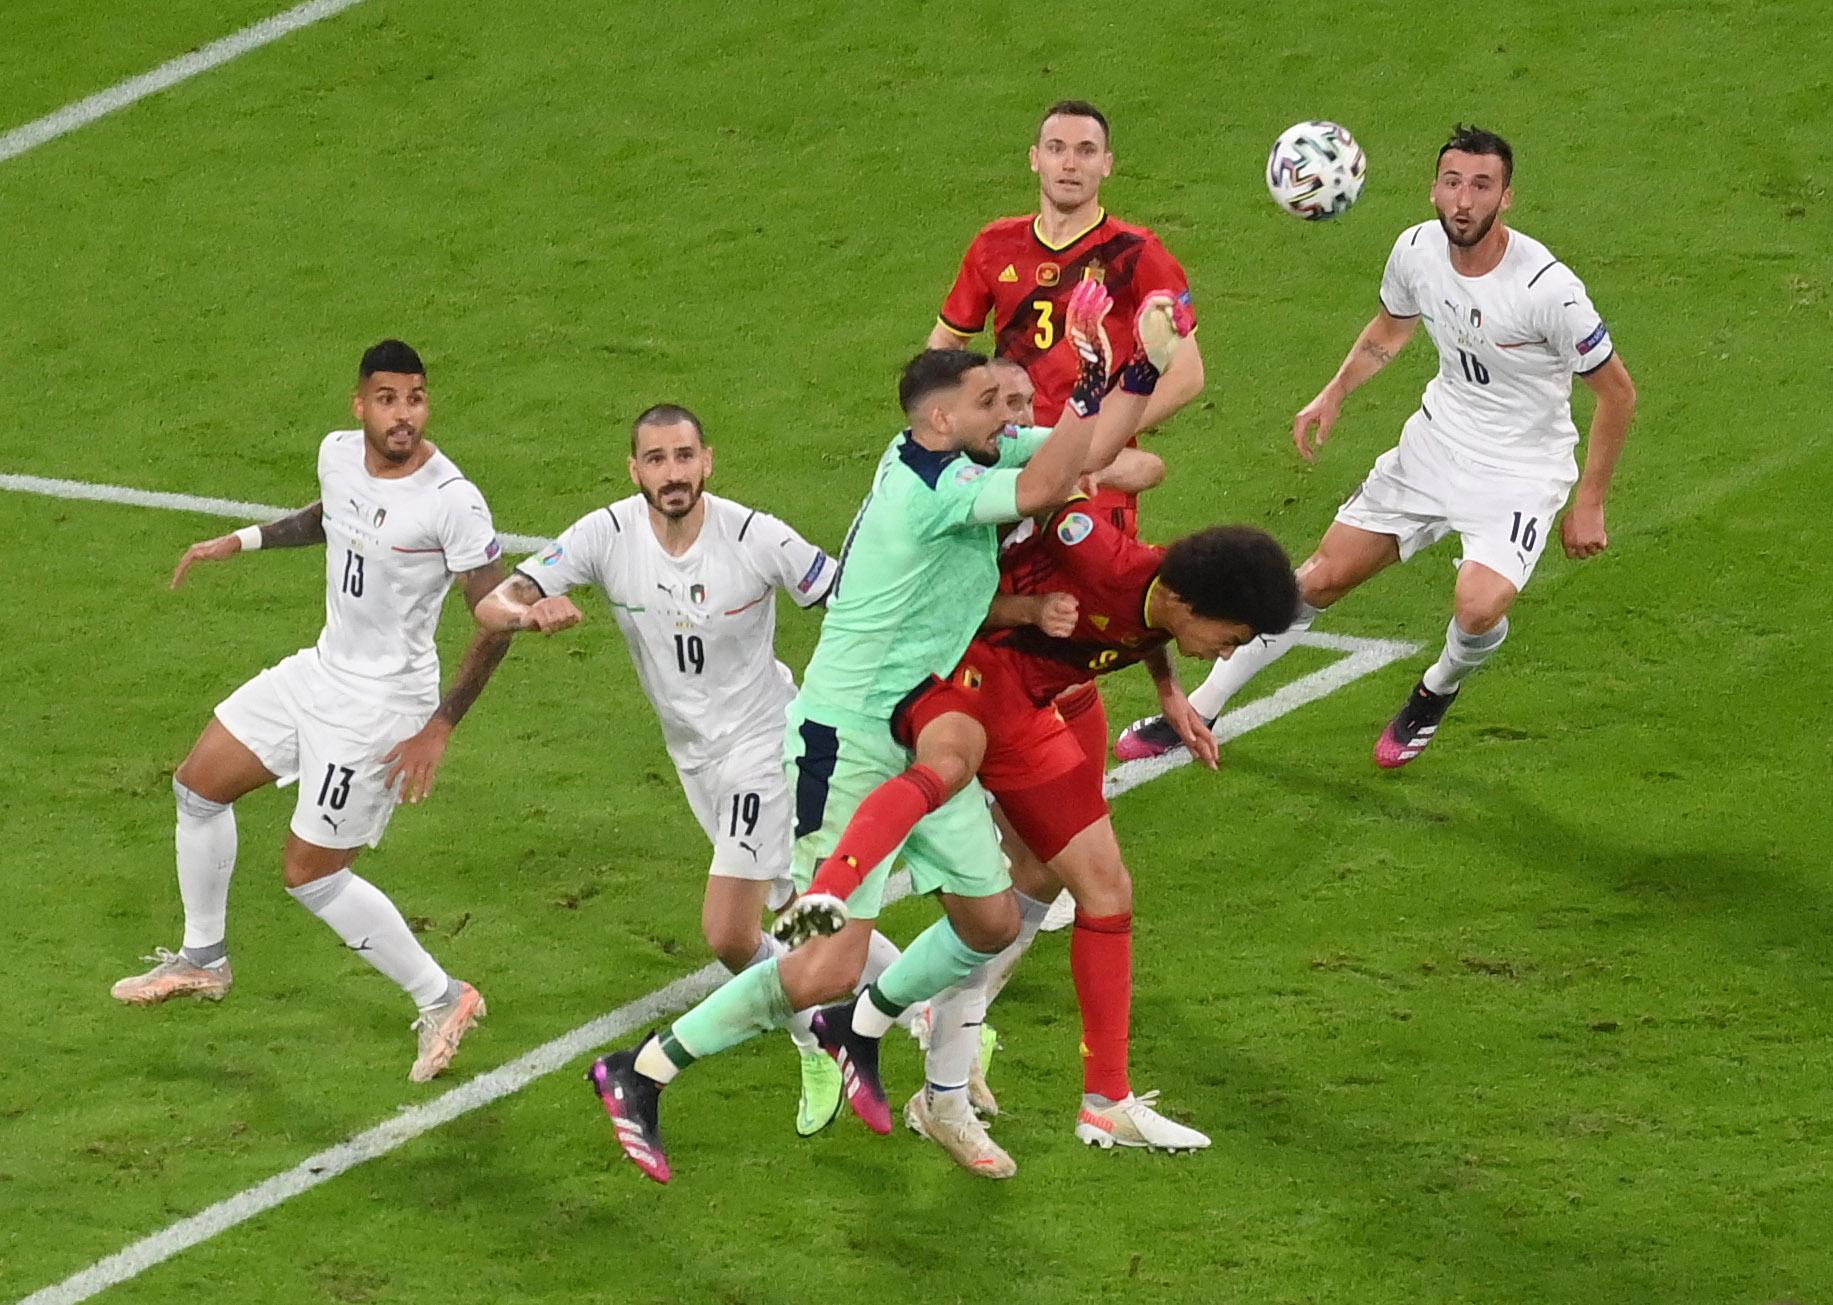 Italy edge Belgium in thriller to reach Euro 2020 semis   Reuters